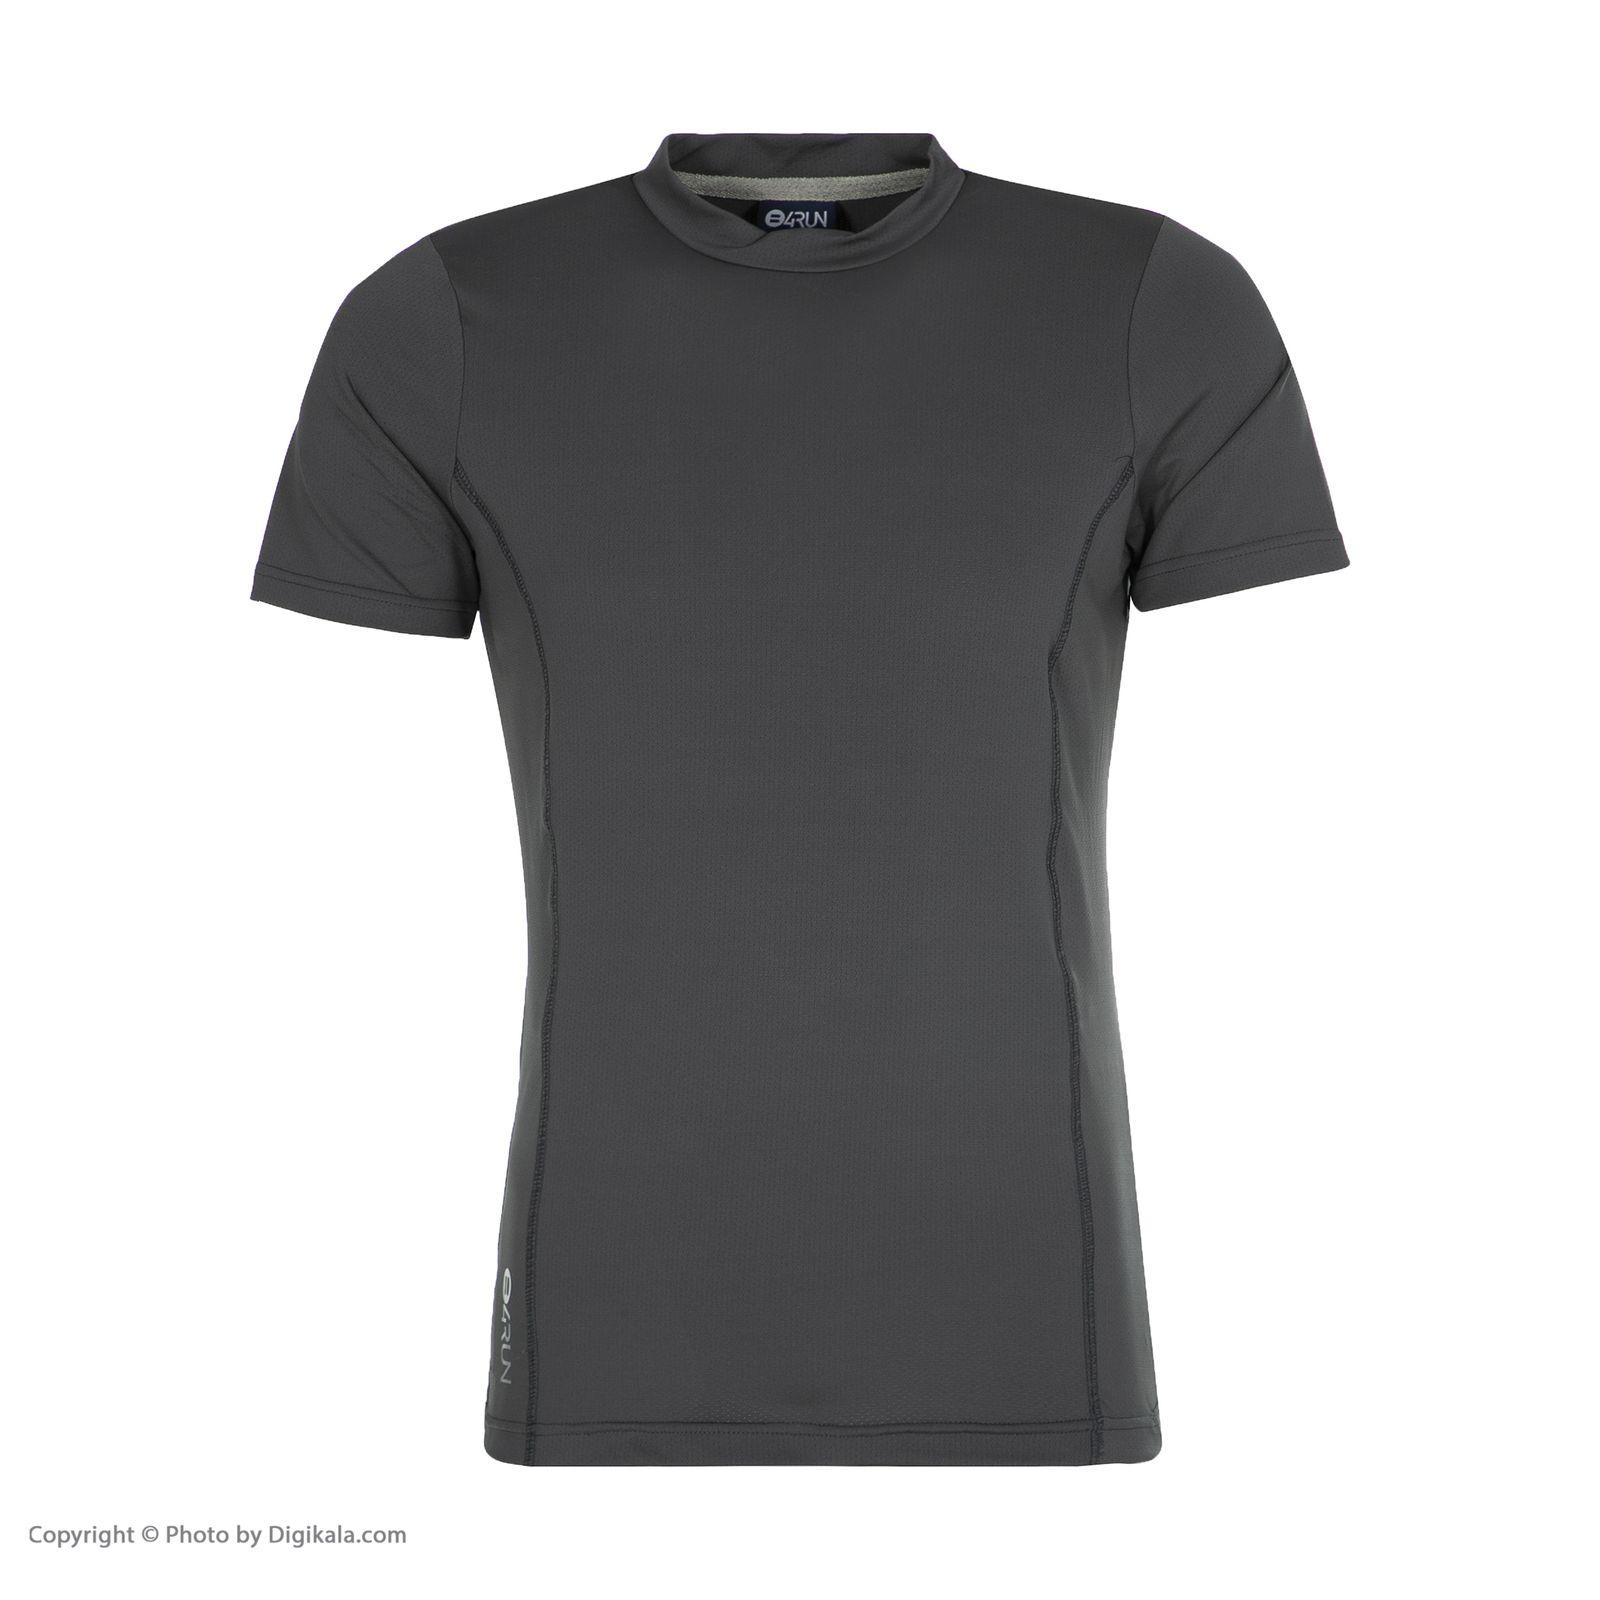 تی شرت ورزشی مردانه بی فور ران مدل 990311-94 -  - 1